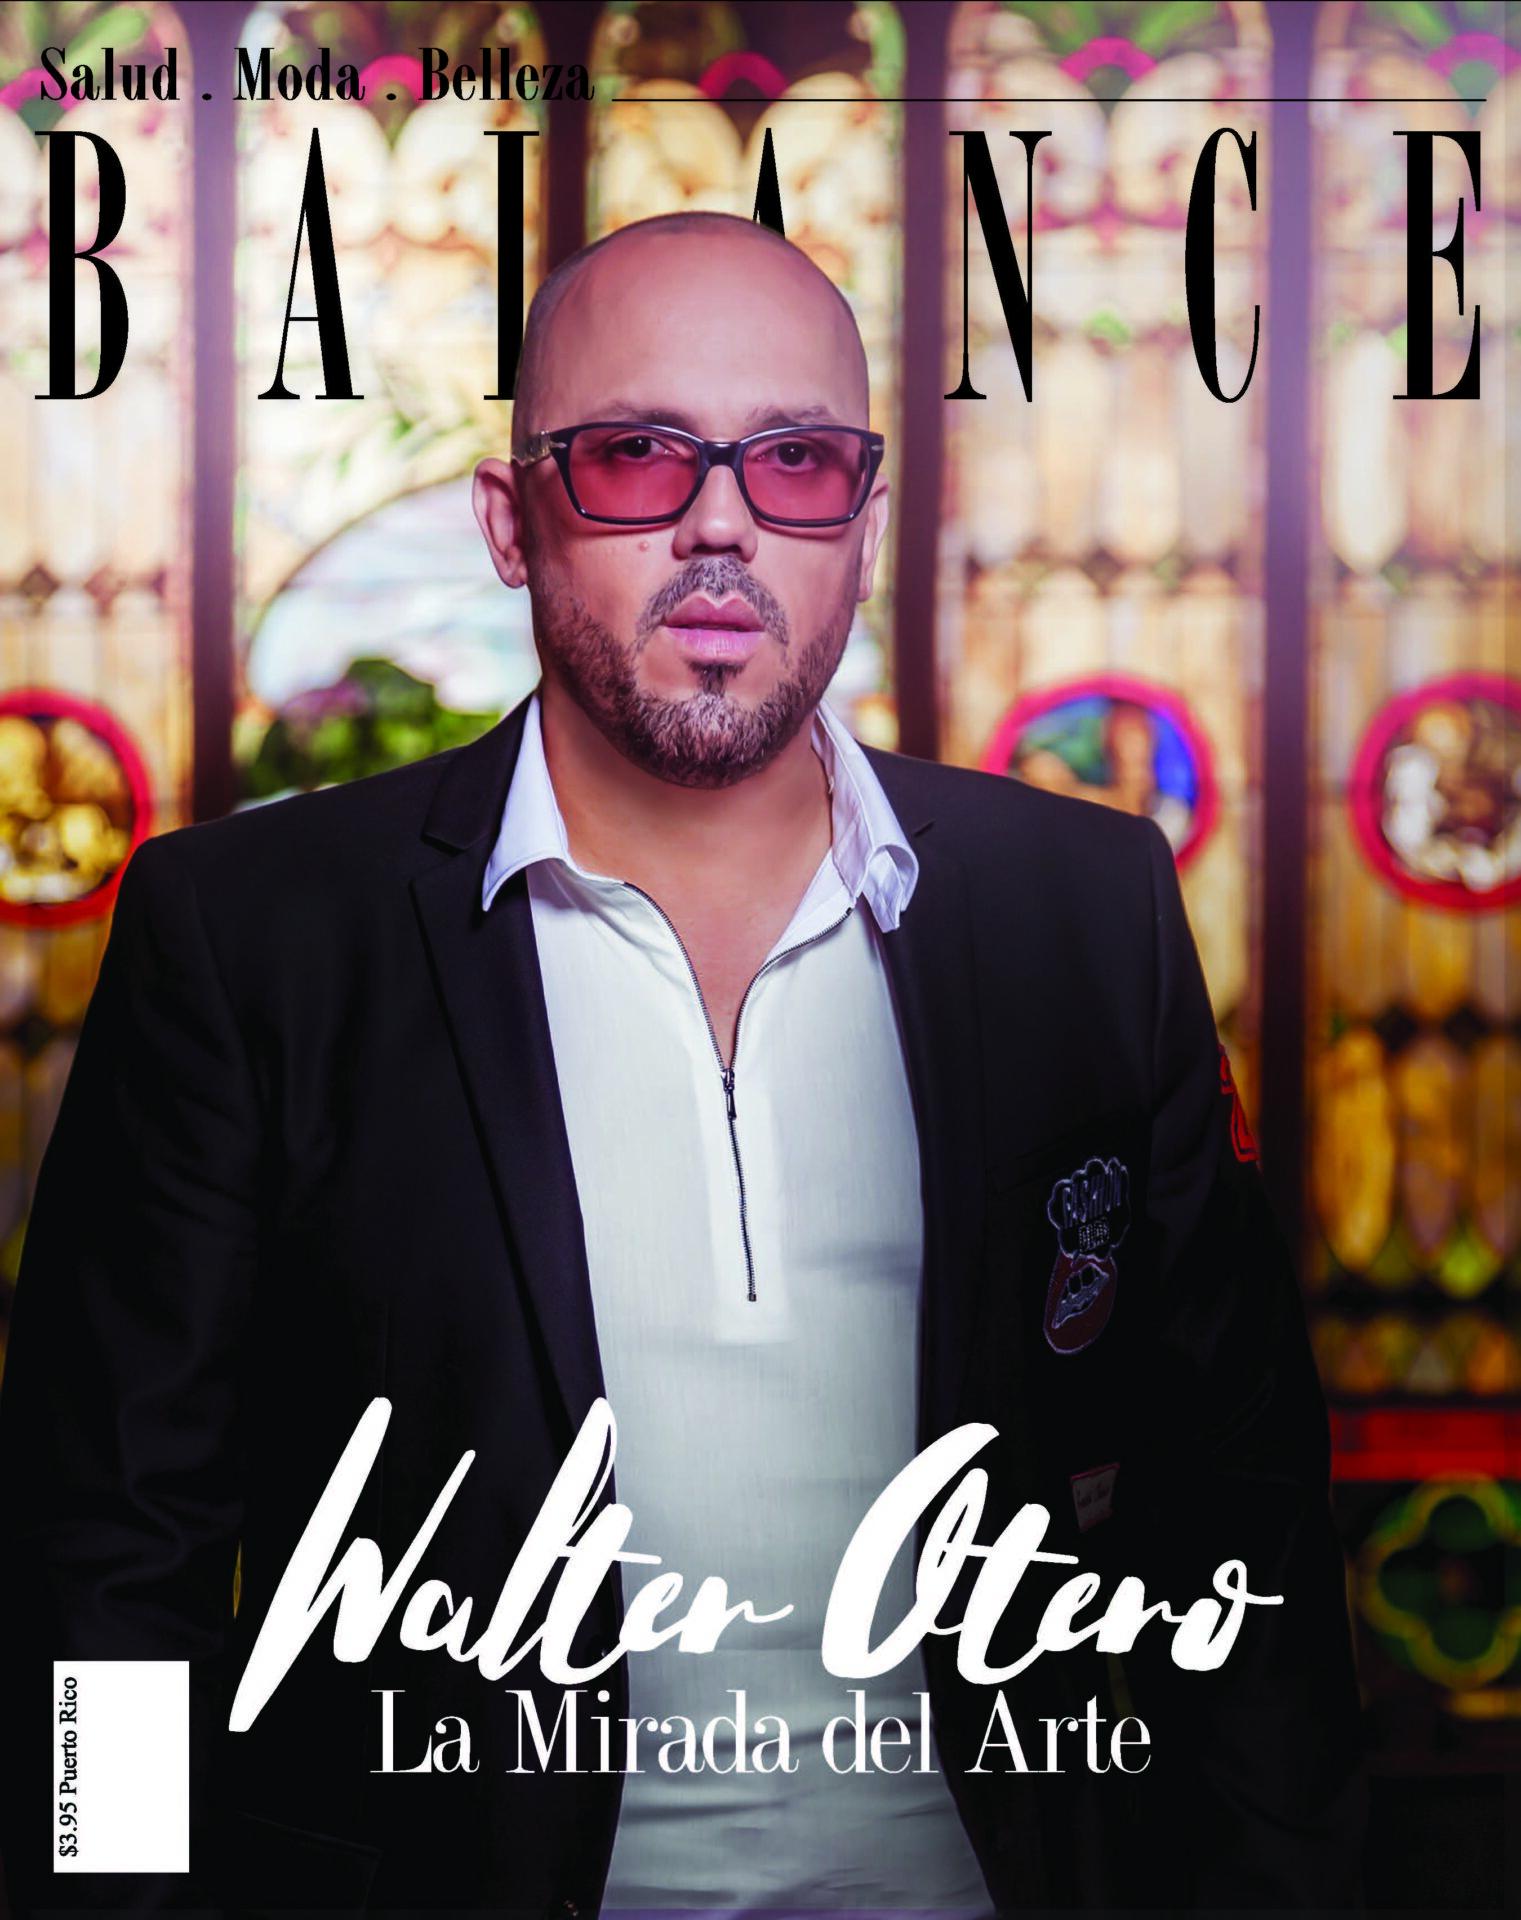 Revista Balance Edicion 21